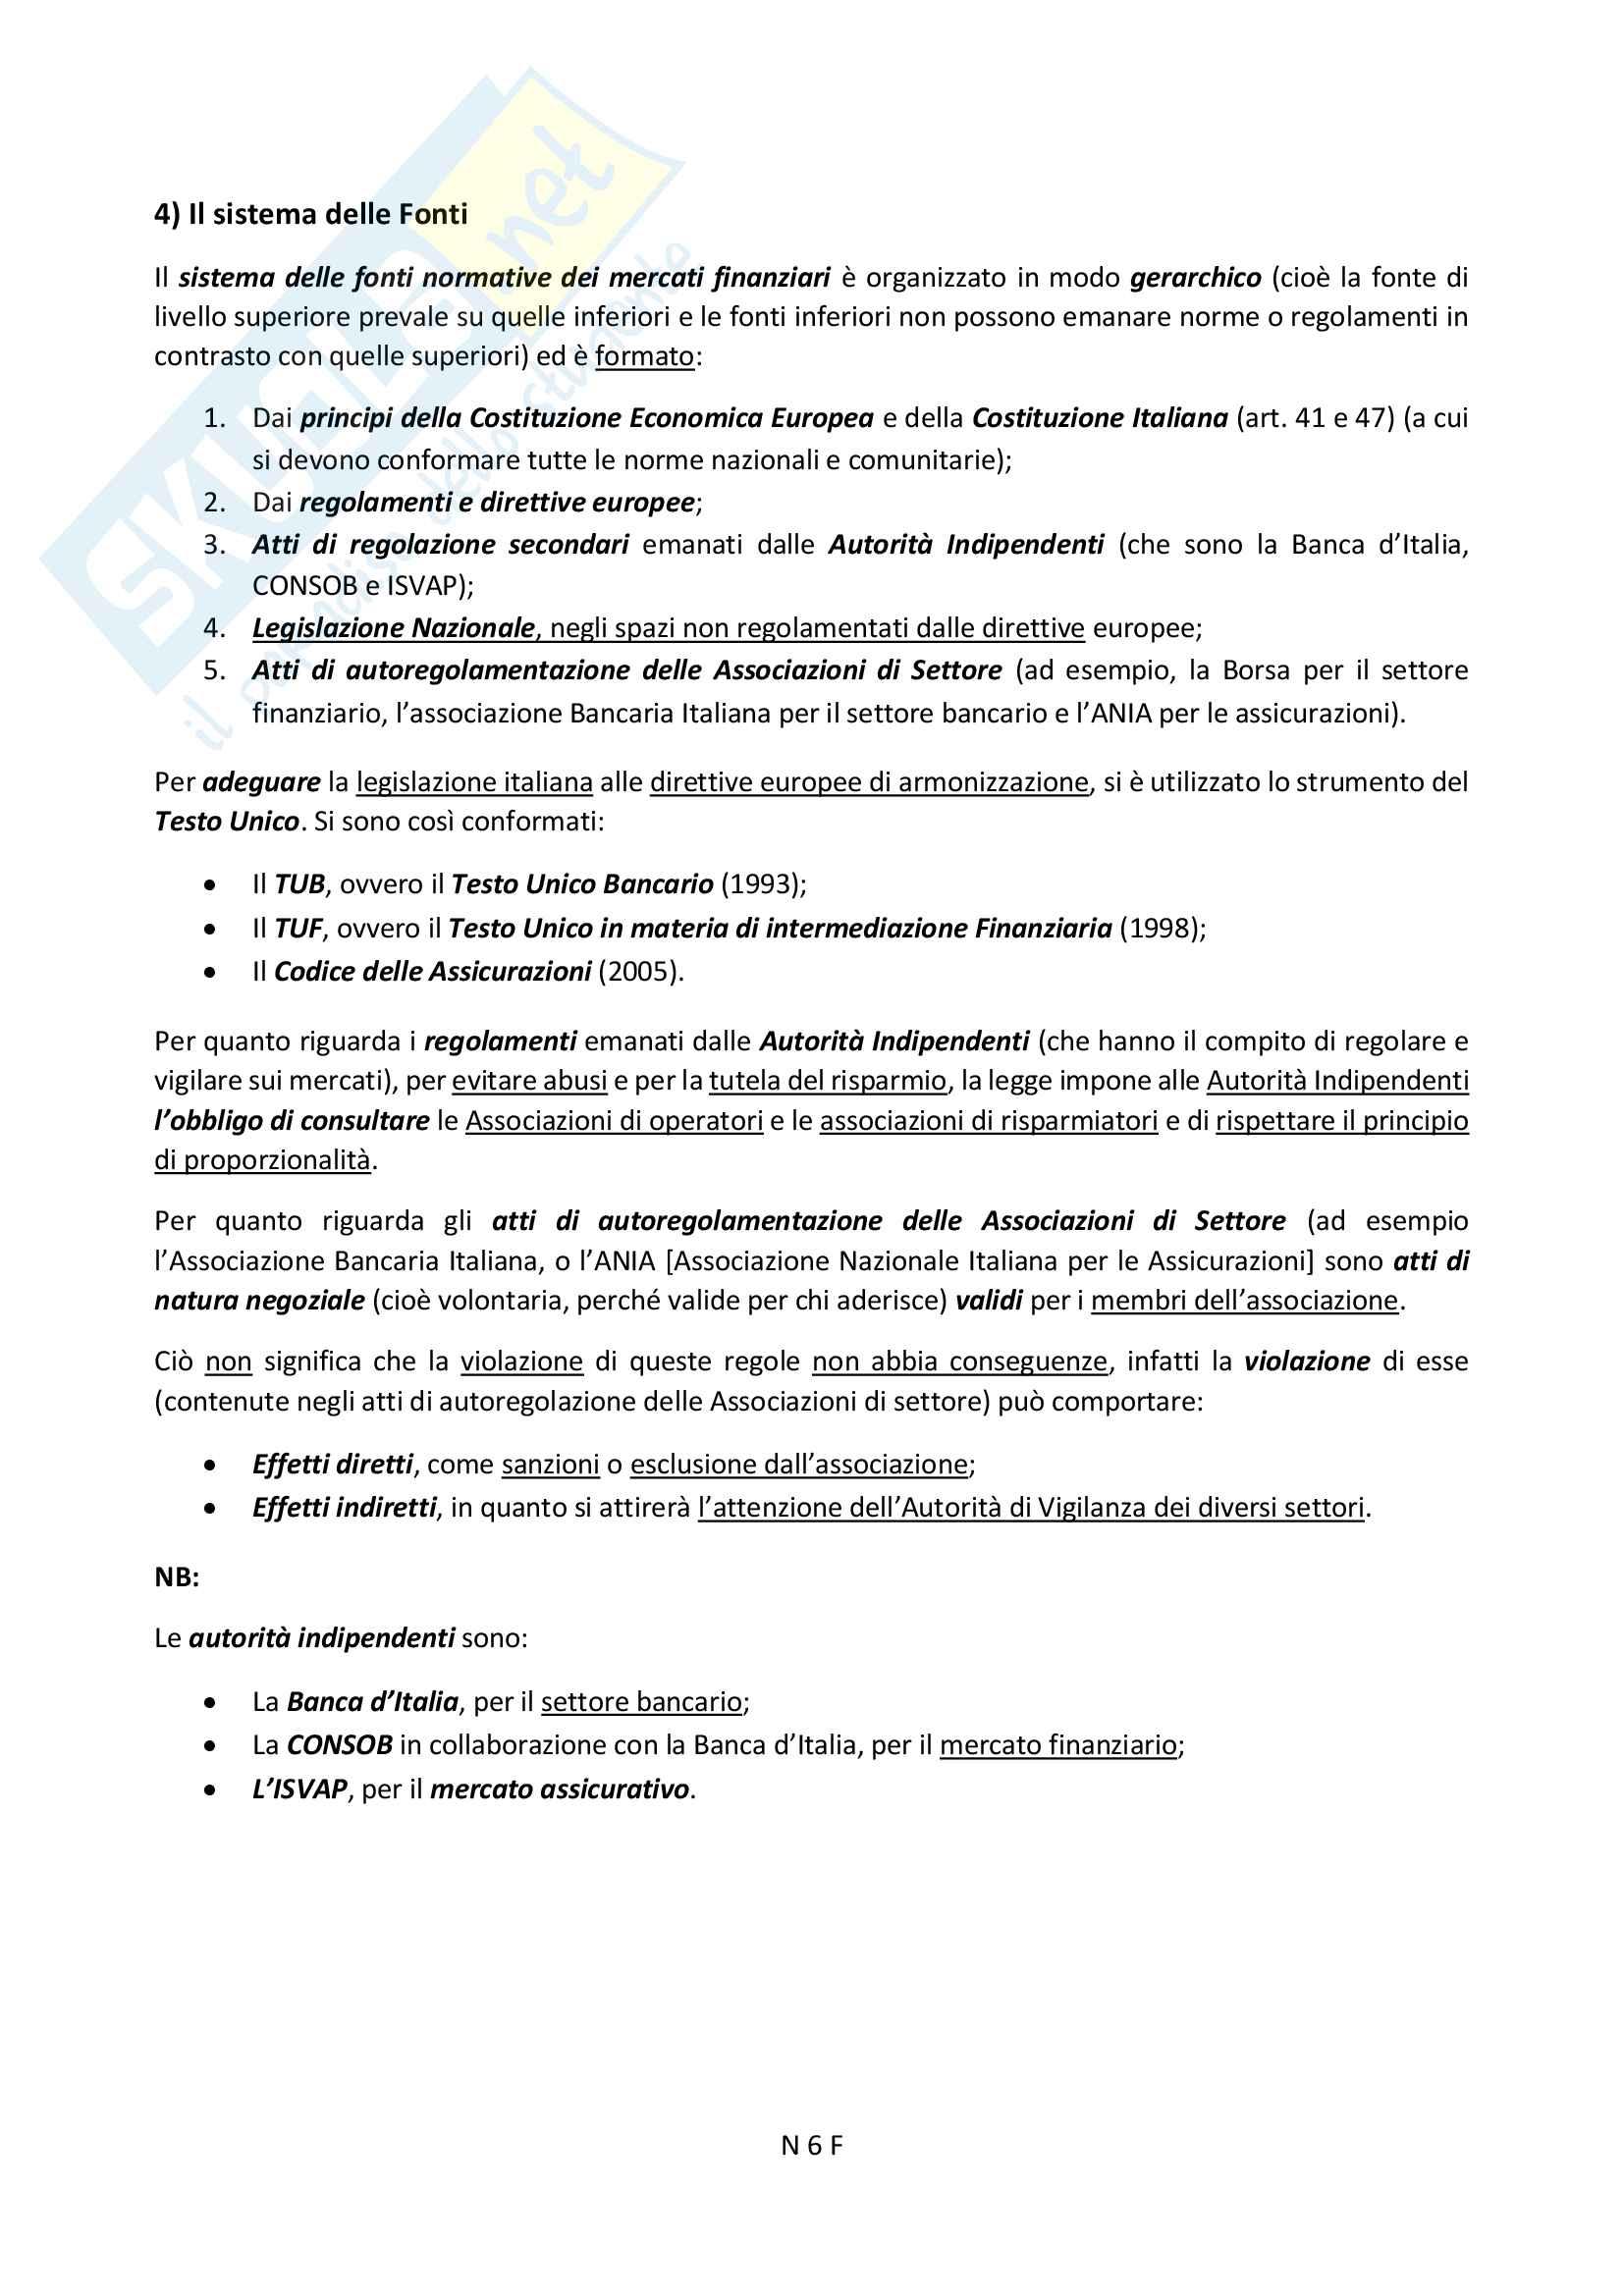 """Riassunto esame Diritto Finanziario, prof. Ciraolo, Libro consigliato """"Manuale di Diritto del Mercato Finanziario"""", Sandro Ambrosino, quarta edizione. Pag. 6"""